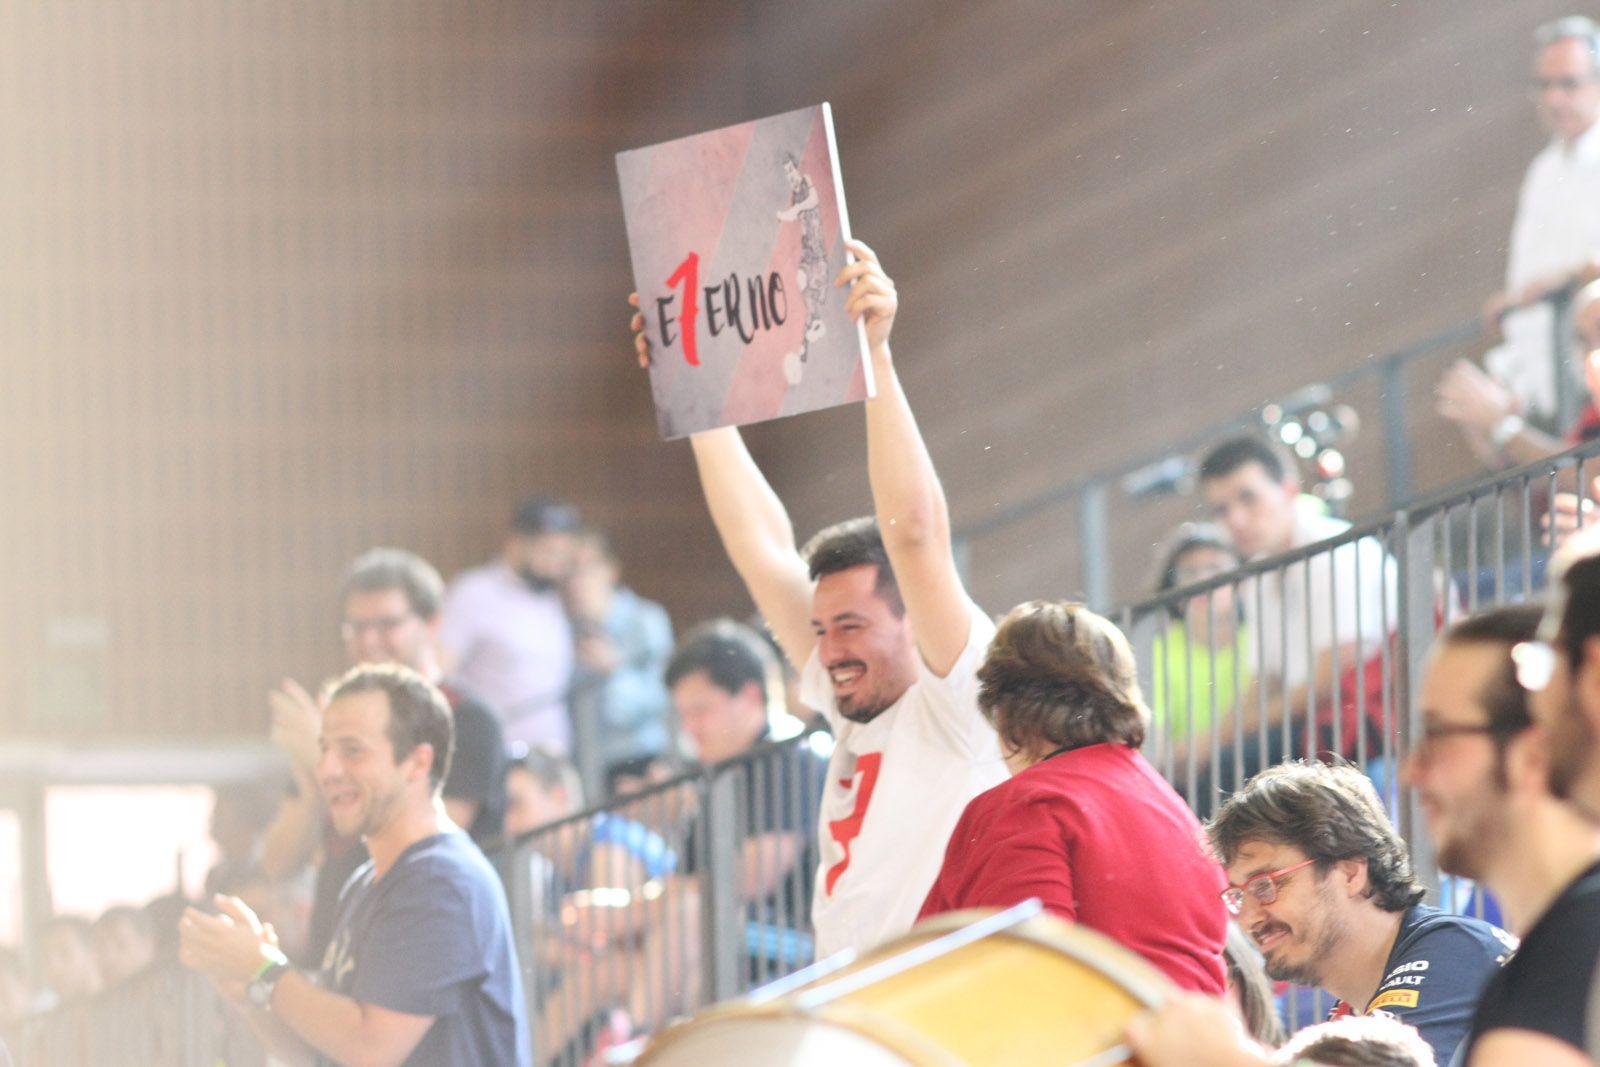 Un amic de Marc Casas recordant el què ha significat el jugador pel club FOTO: Haidy Blanch